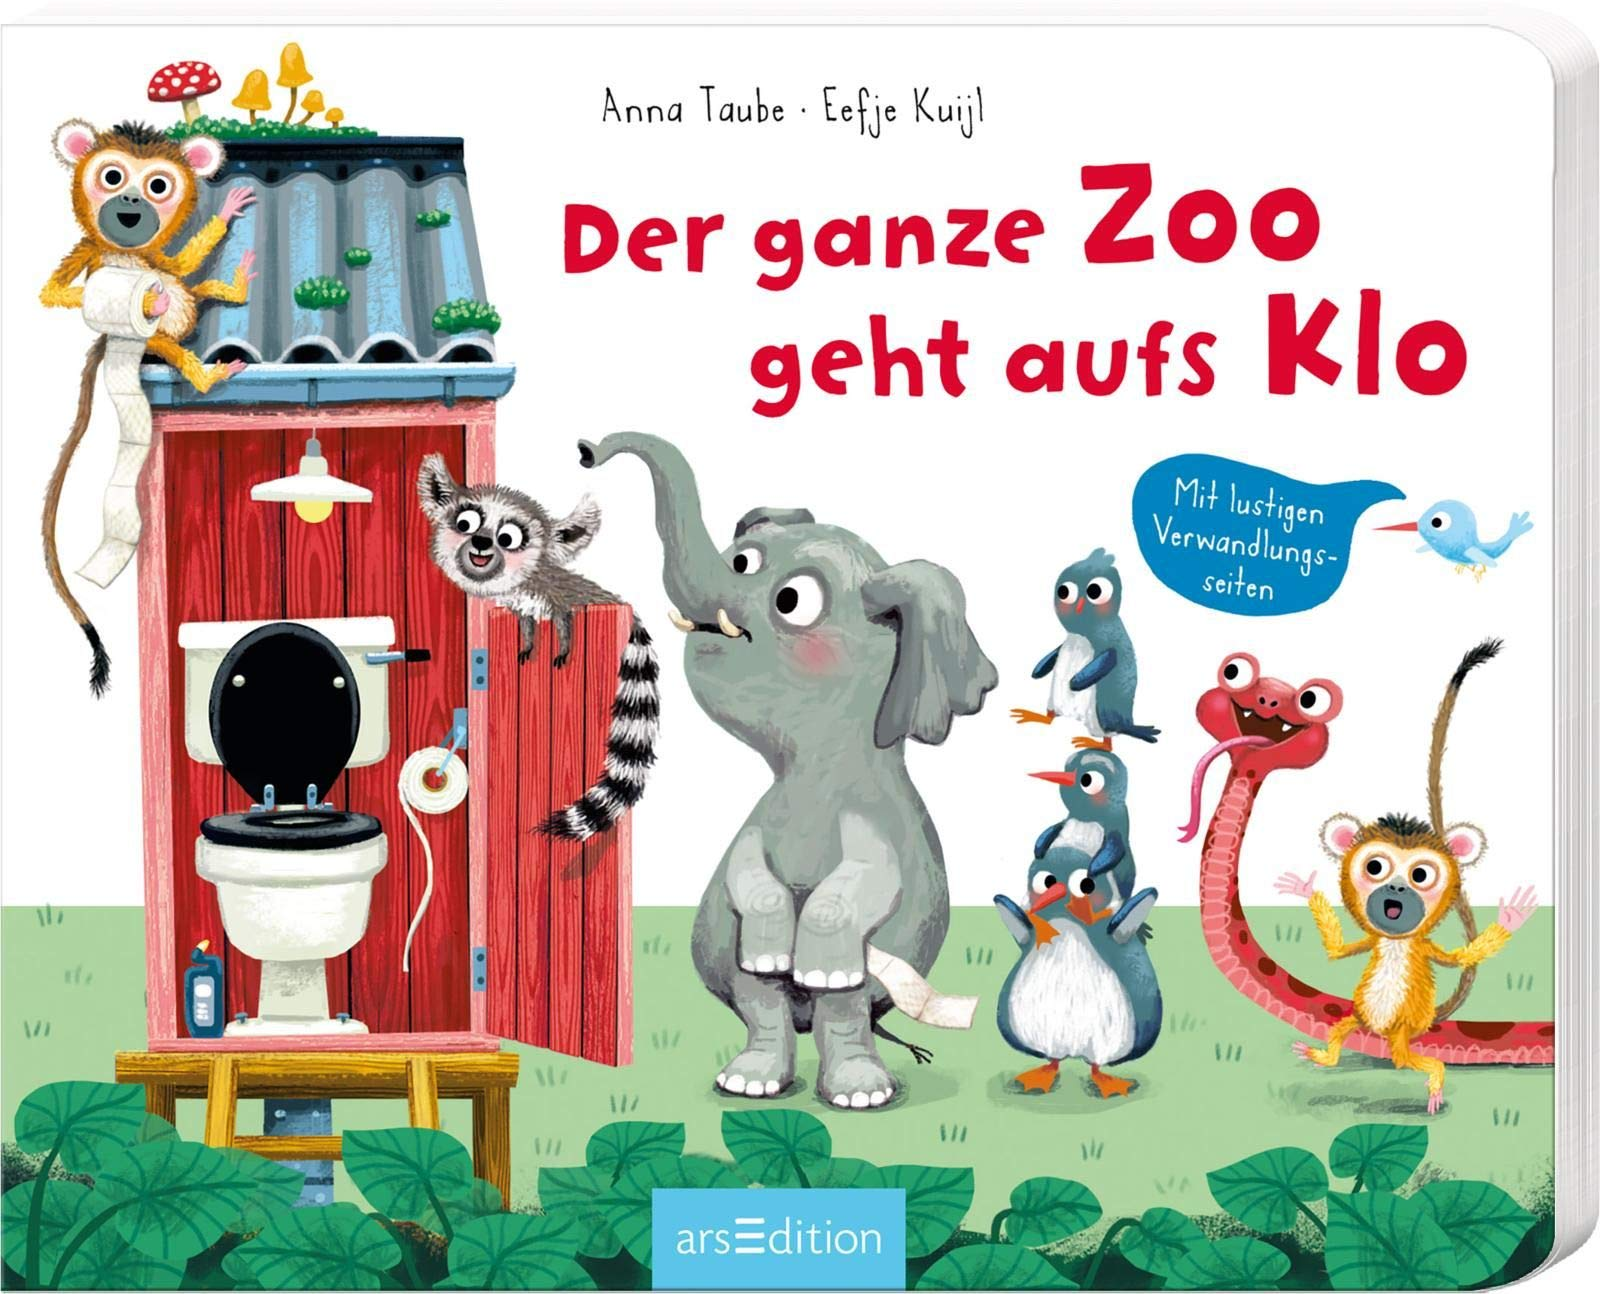 Der ganze Zoo geht aufs Klo